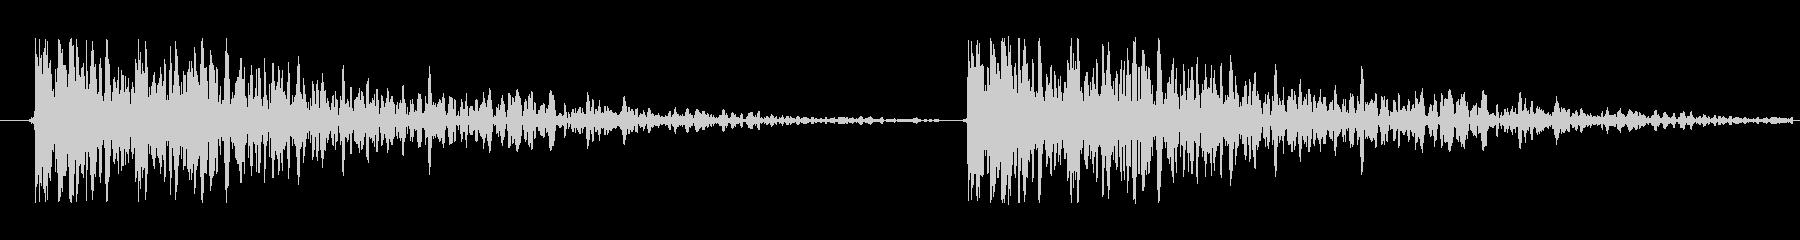 【ドア/叩く音/どんどん/効果音】の未再生の波形